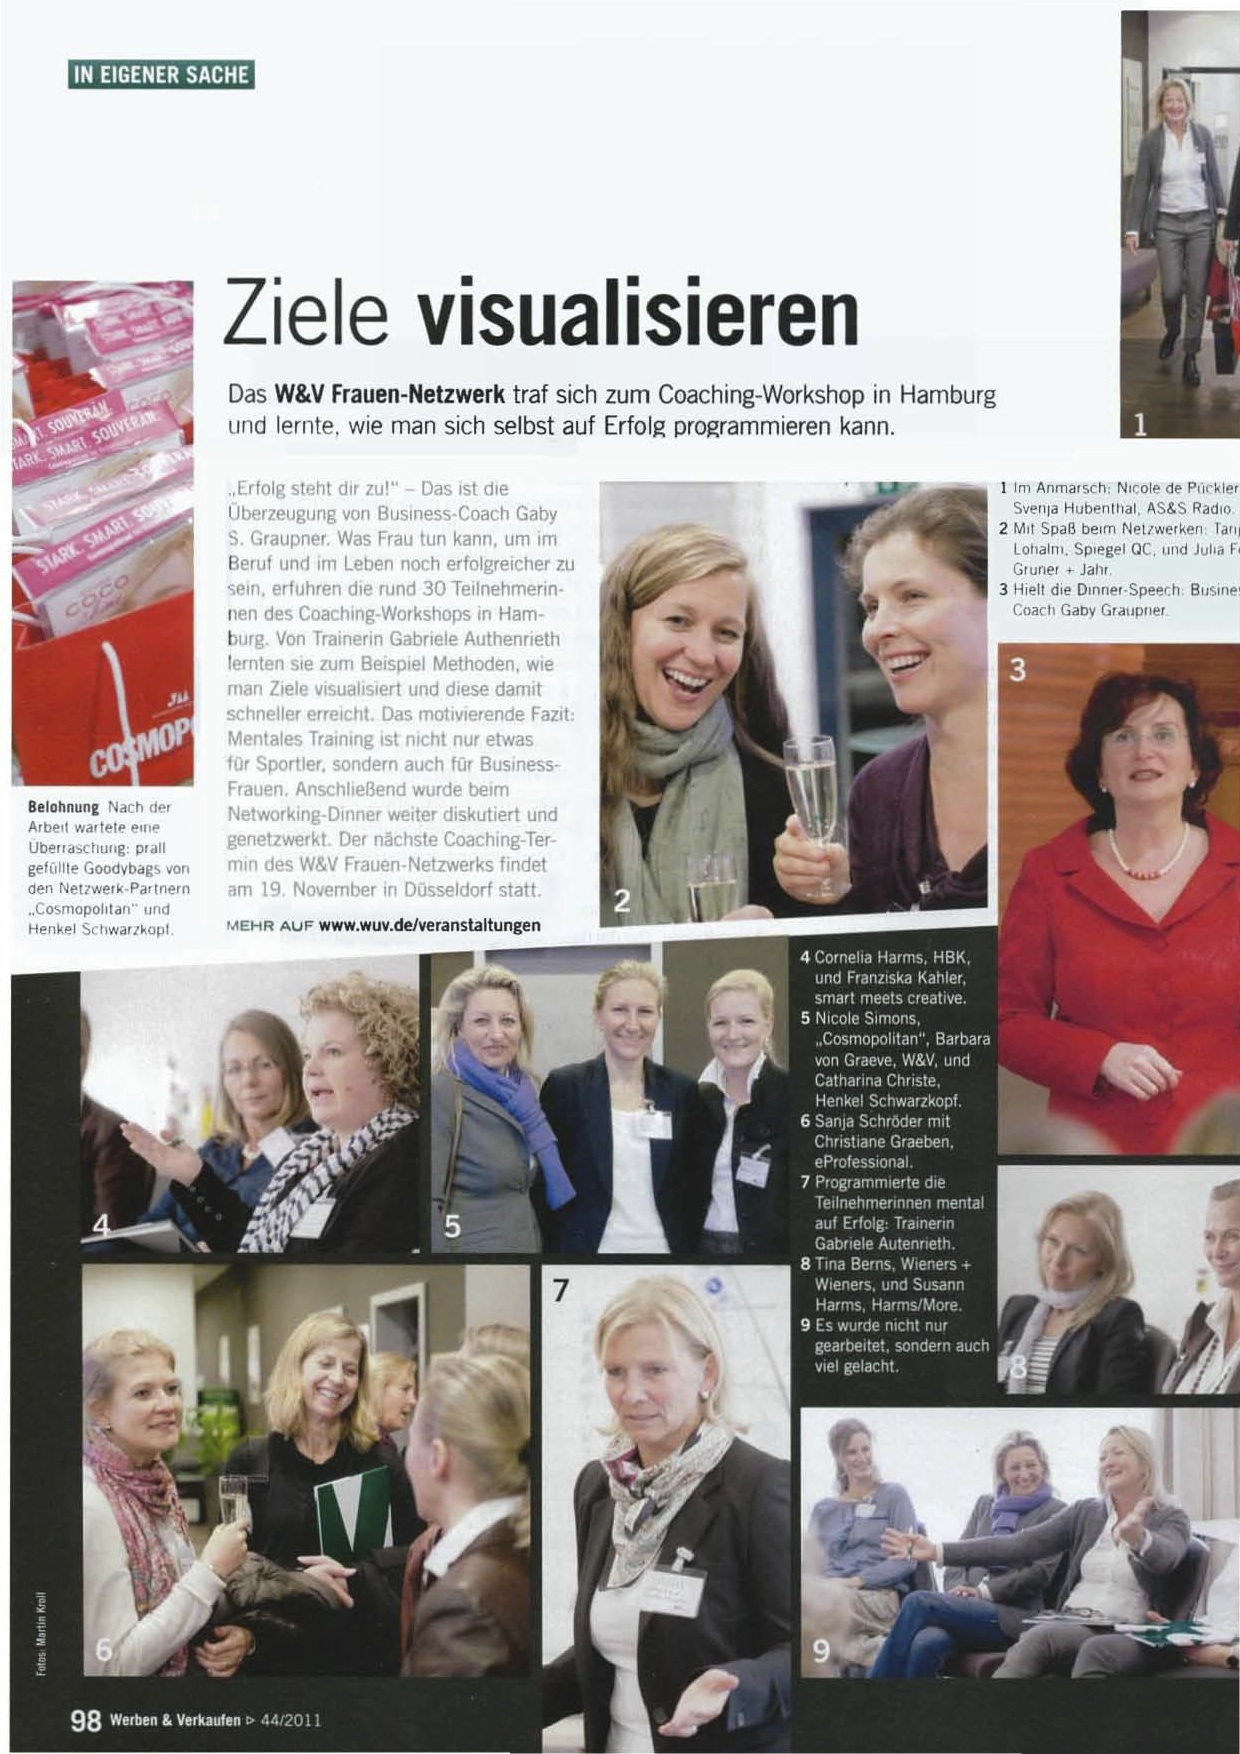 Werben & Verkaufen - Ausgabe 44 2011